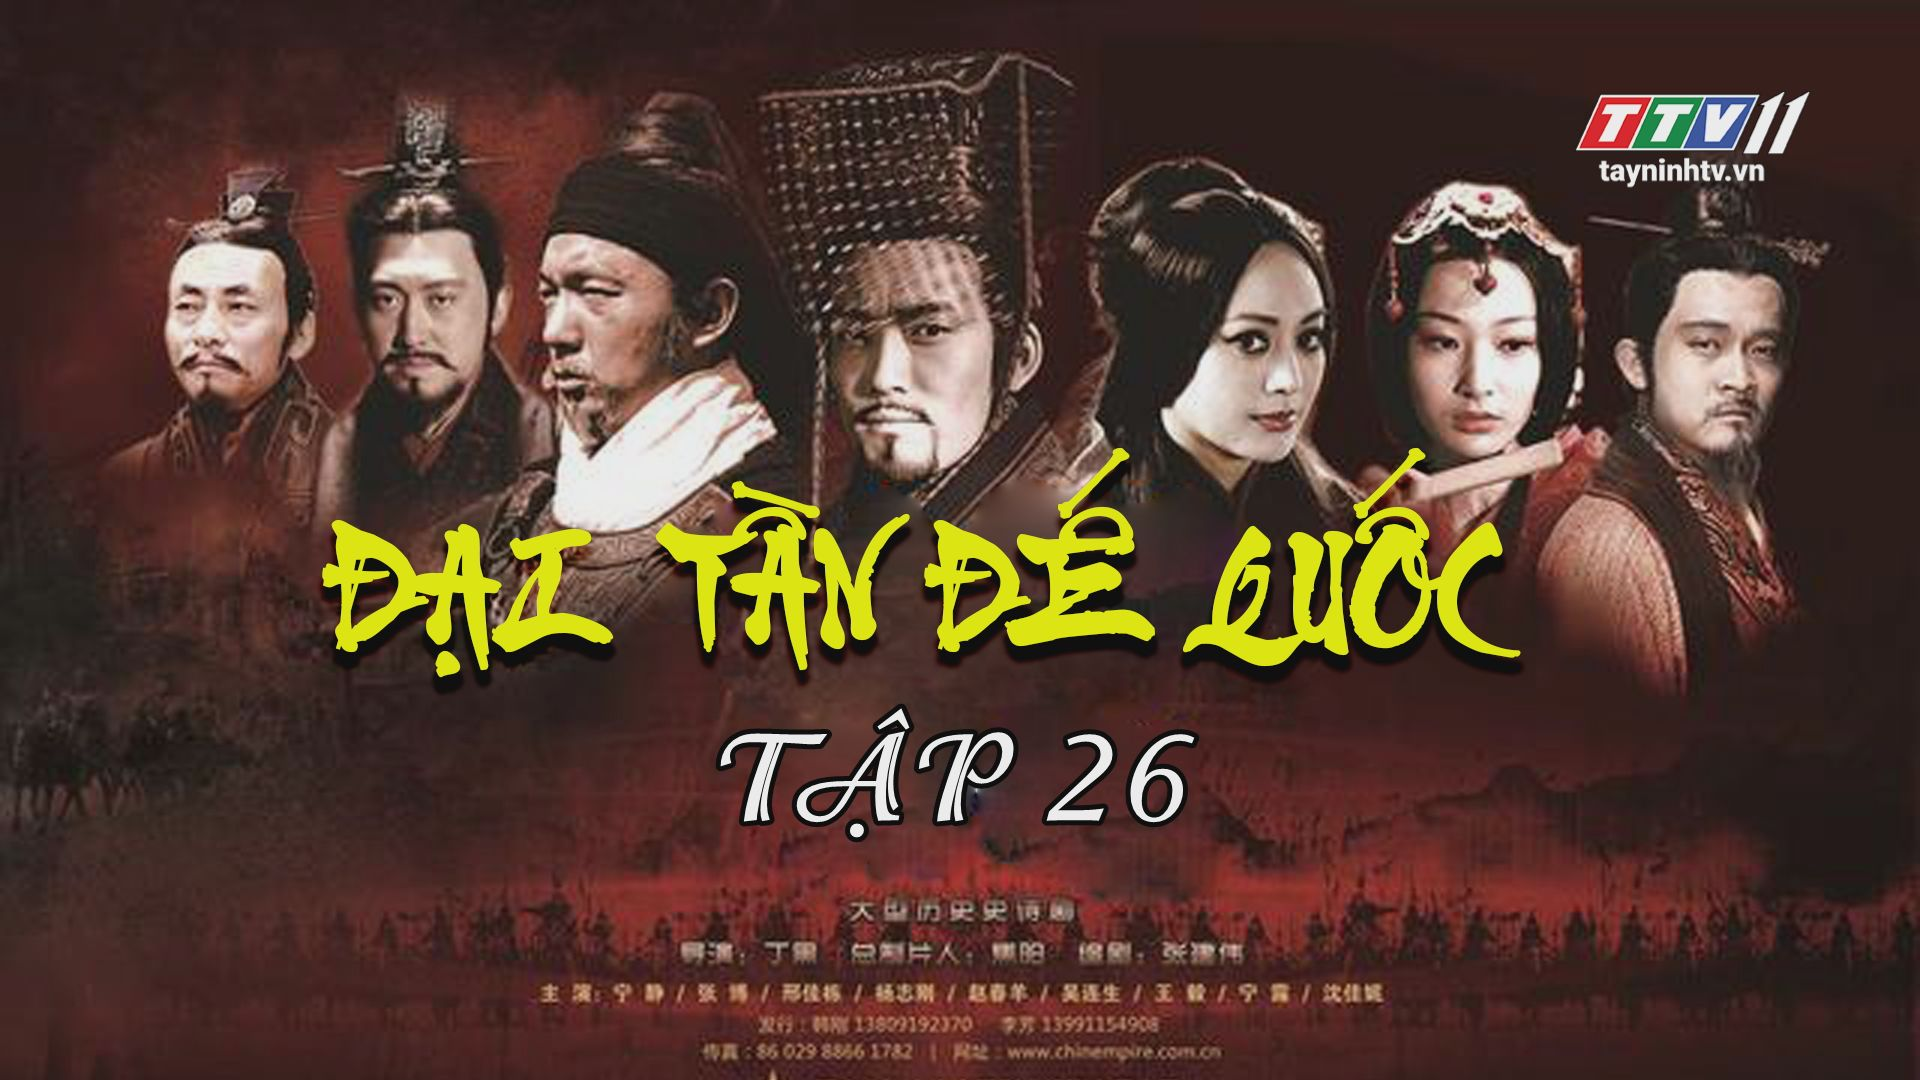 Tập 26 | ĐẠI TẦN ĐẾ QUỐC - Phần 3 - QUẬT KHỞI - FULL HD | TayNinhTV